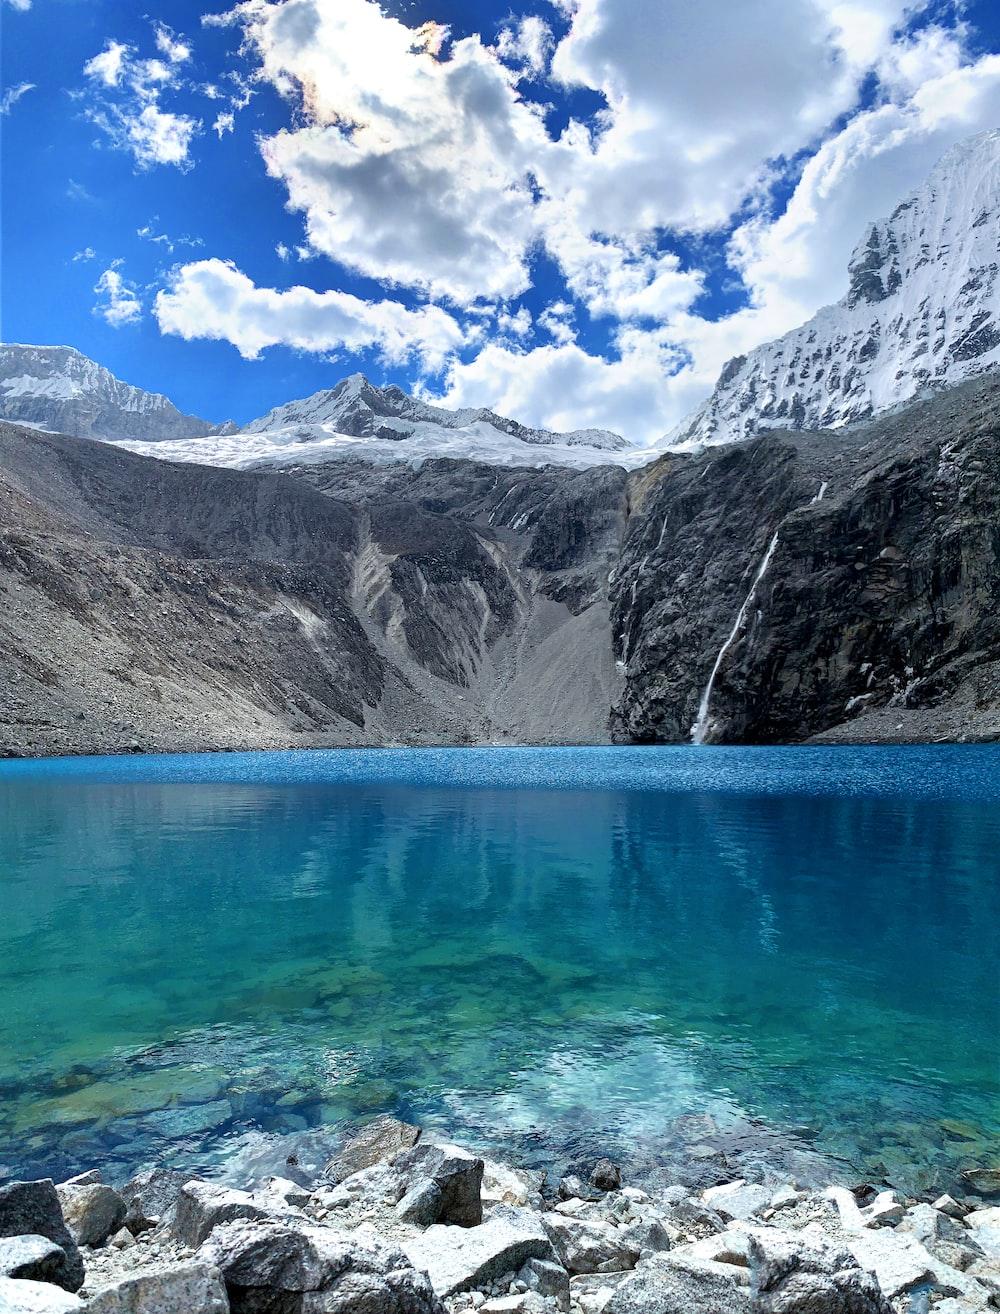 blue lake near gray mountain during daytime